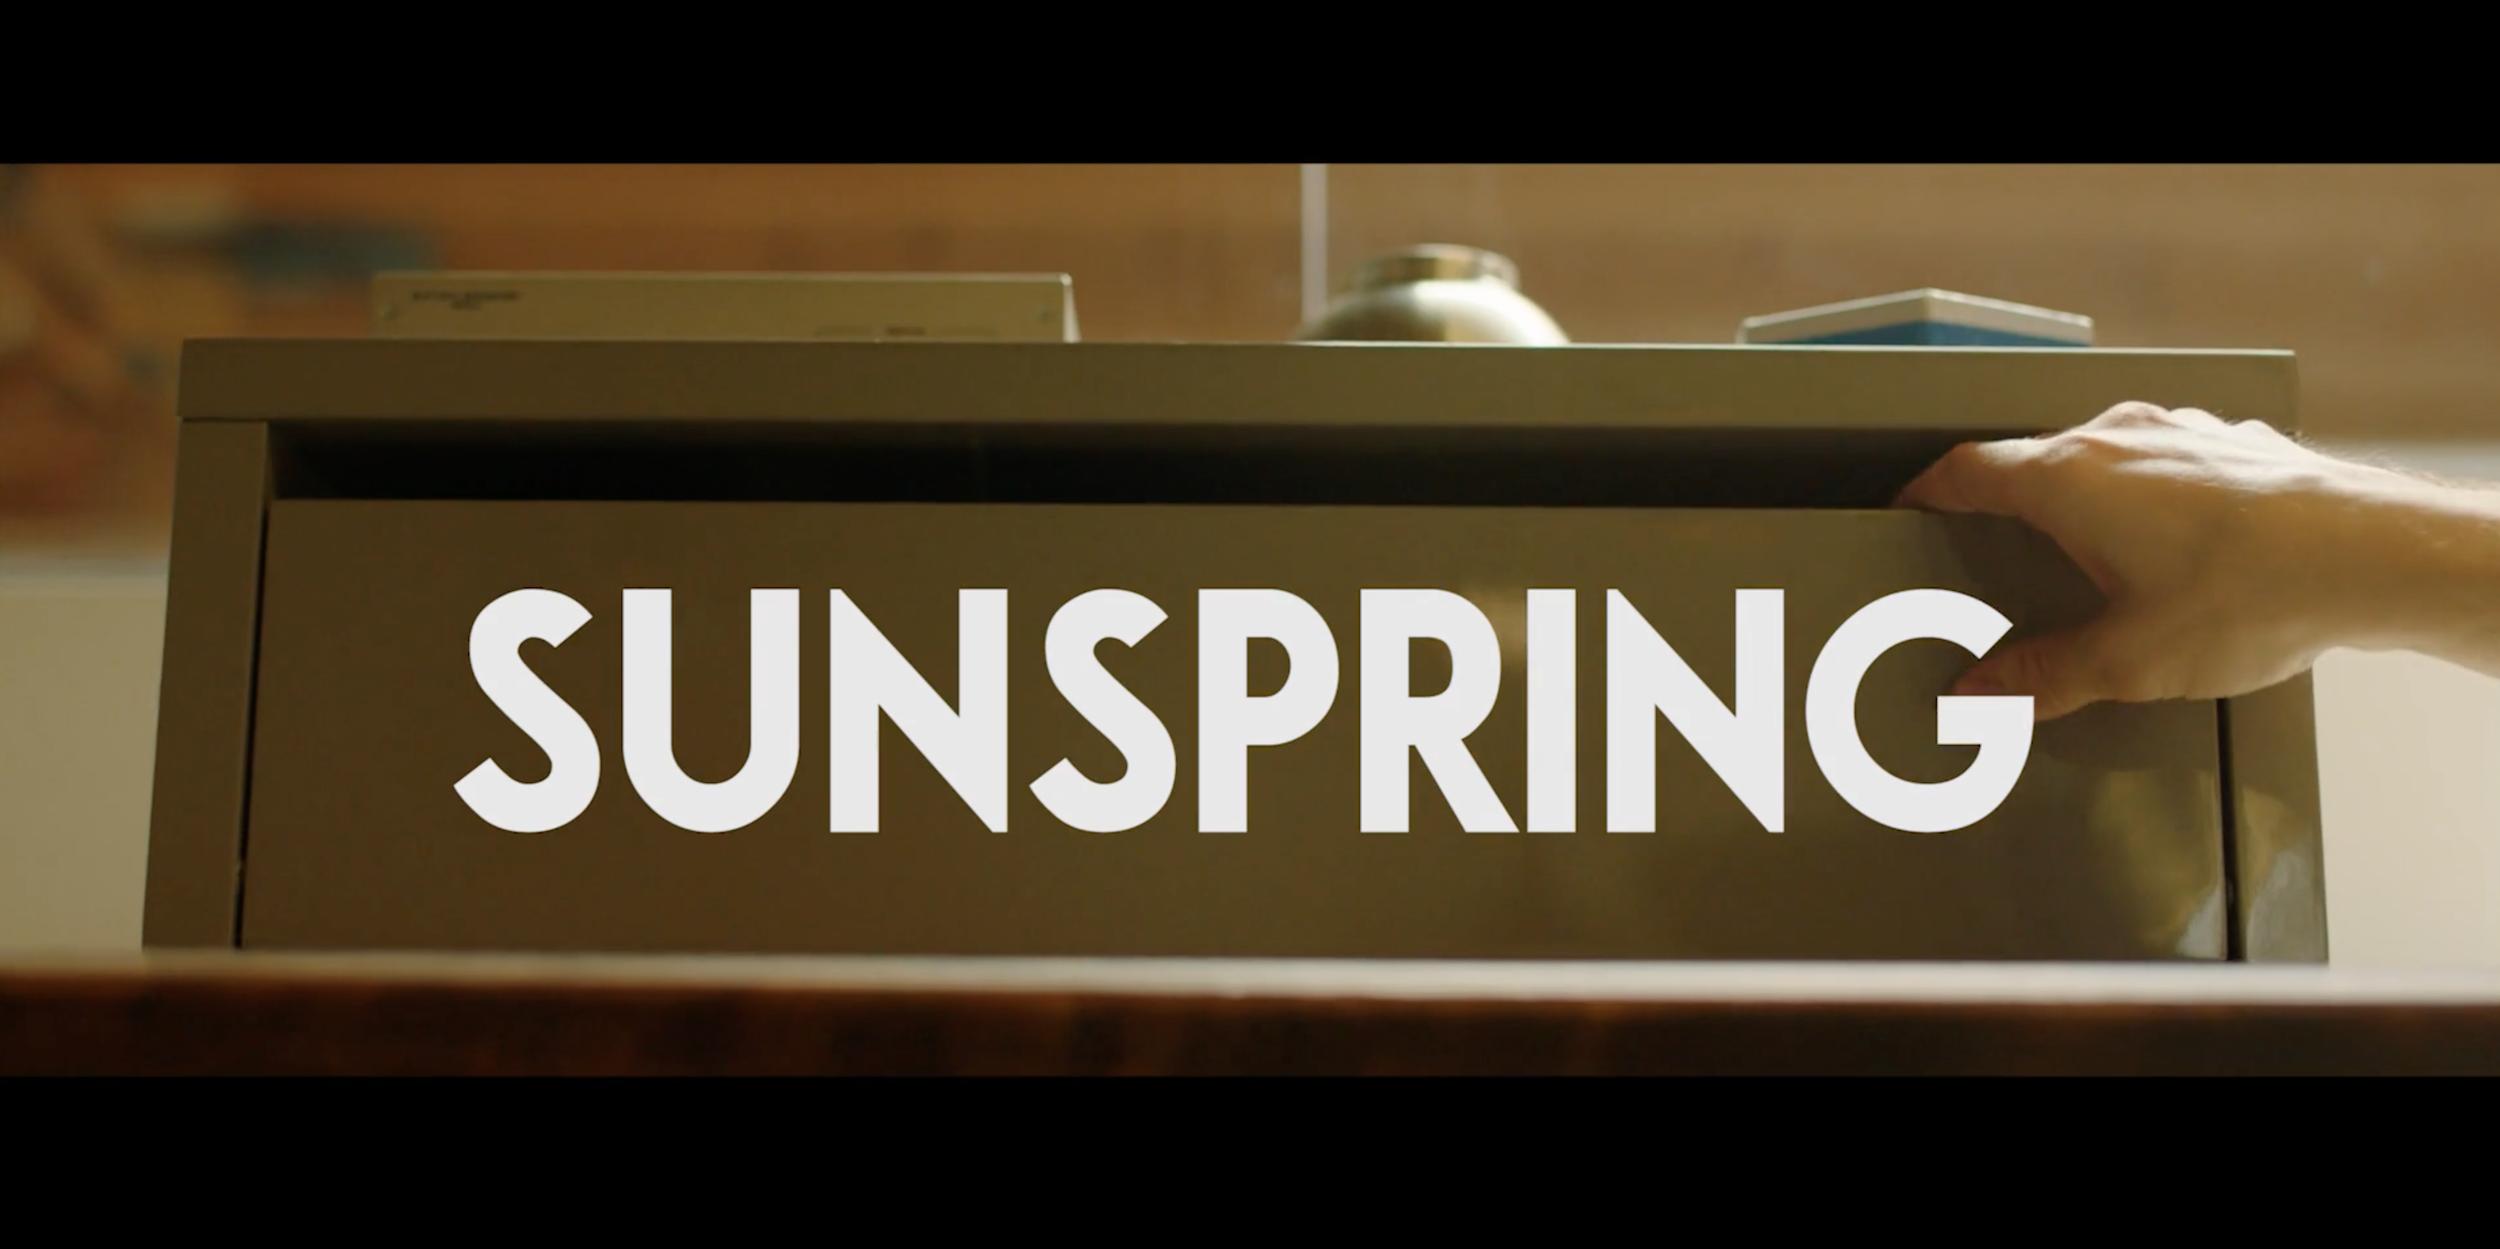 Sunspring, il cortometraggio scritto da un computer